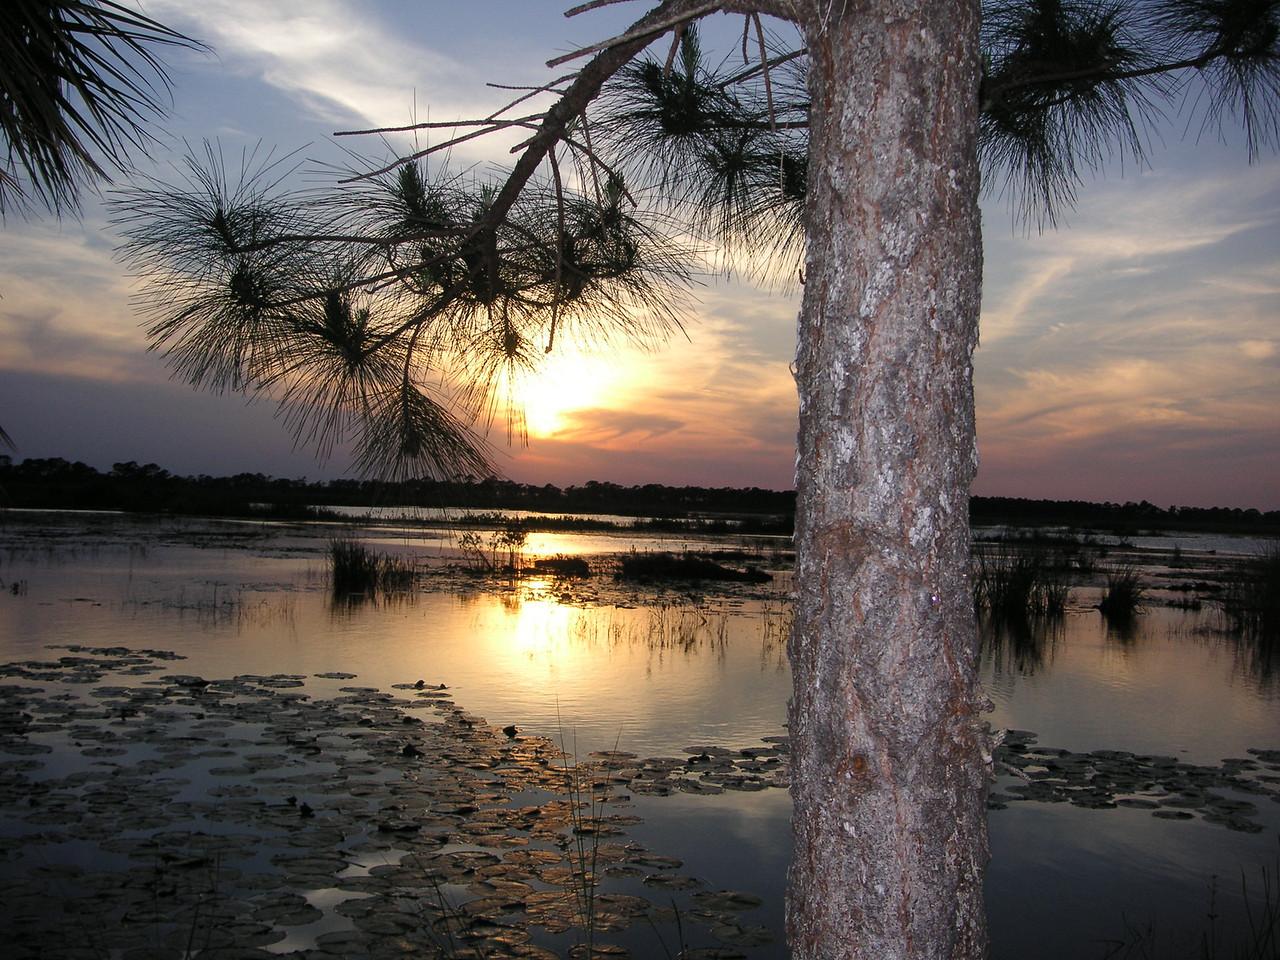 Sunset over the Savannas<br /> Gretchen Dewey / Florida Trail Association